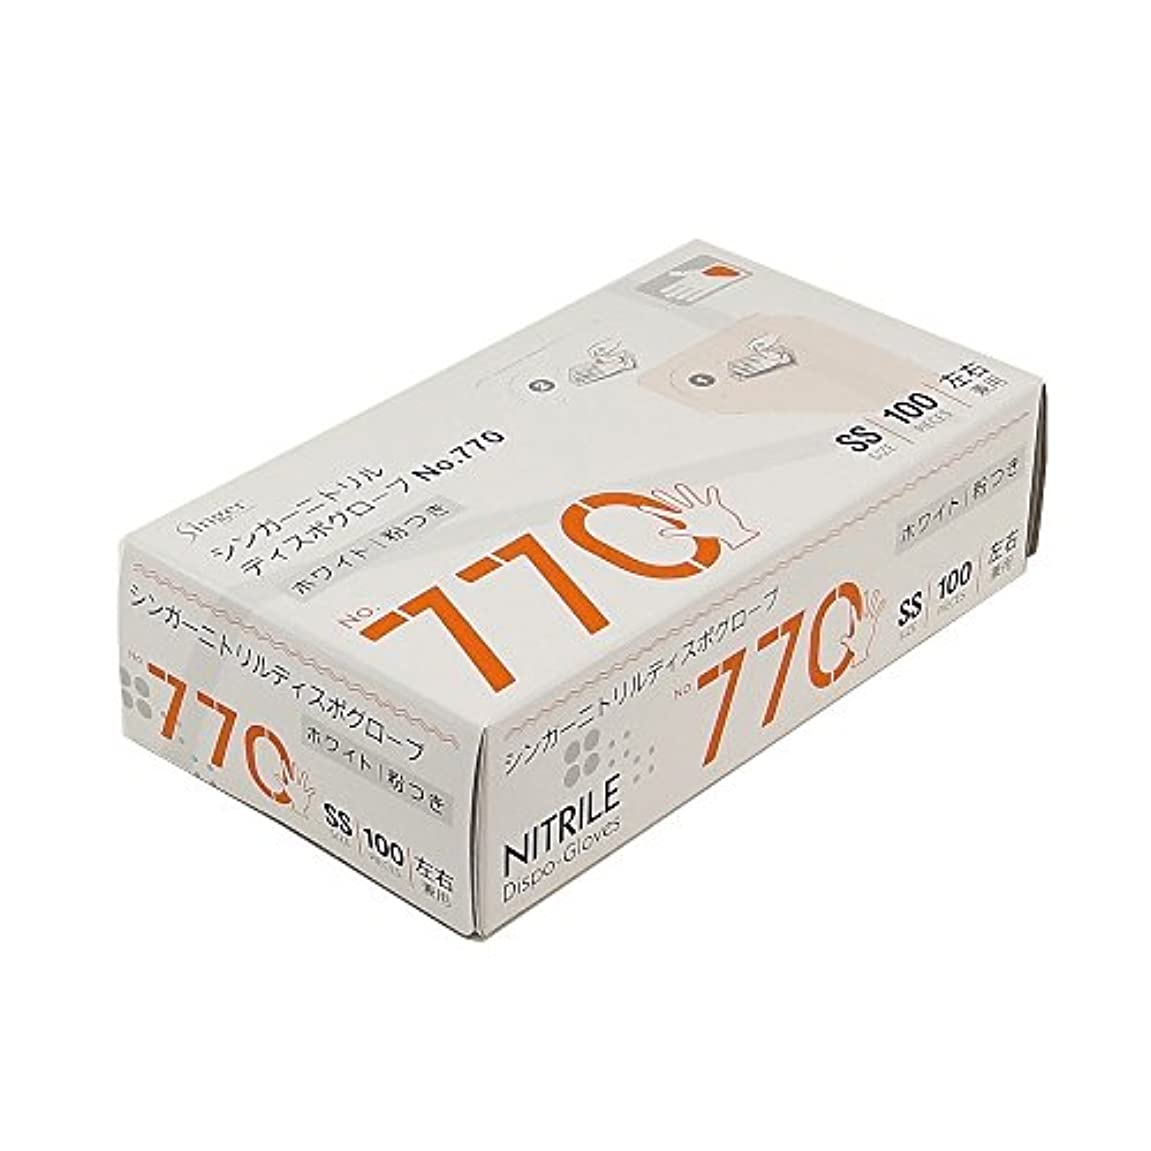 ズボンやろう舞い上がる宇都宮製作 ディスポ手袋 シンガーニトリルディスポグローブ No.770 ホワイト 粉付 100枚入  SS